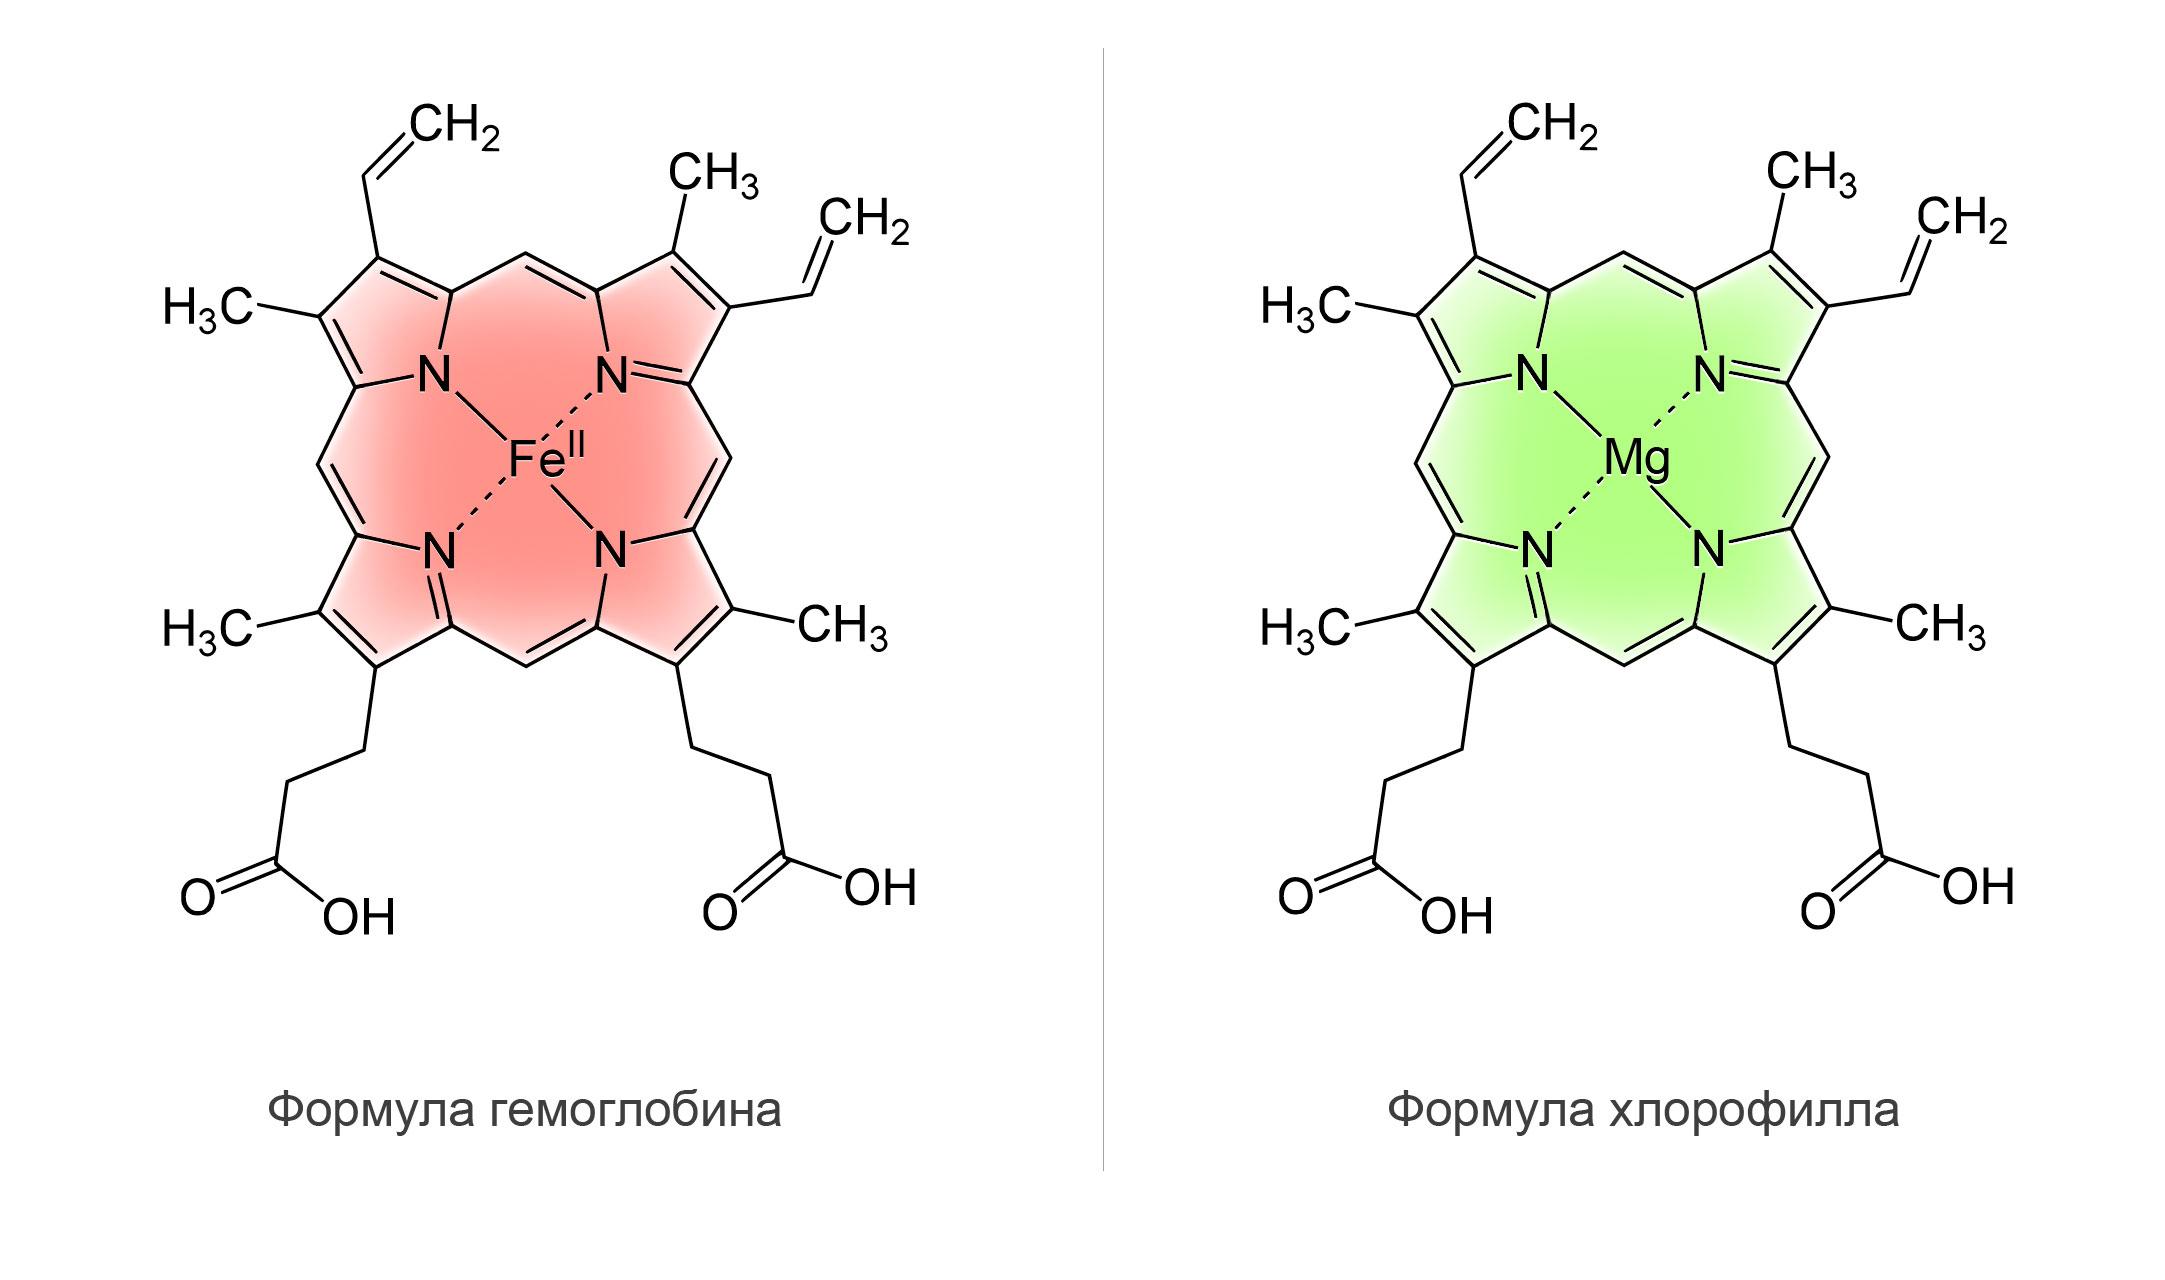 Хлорофилл имеет схожую структуру с гемоглобином Хлорофилл имеет схожую структуру с гемоглобином